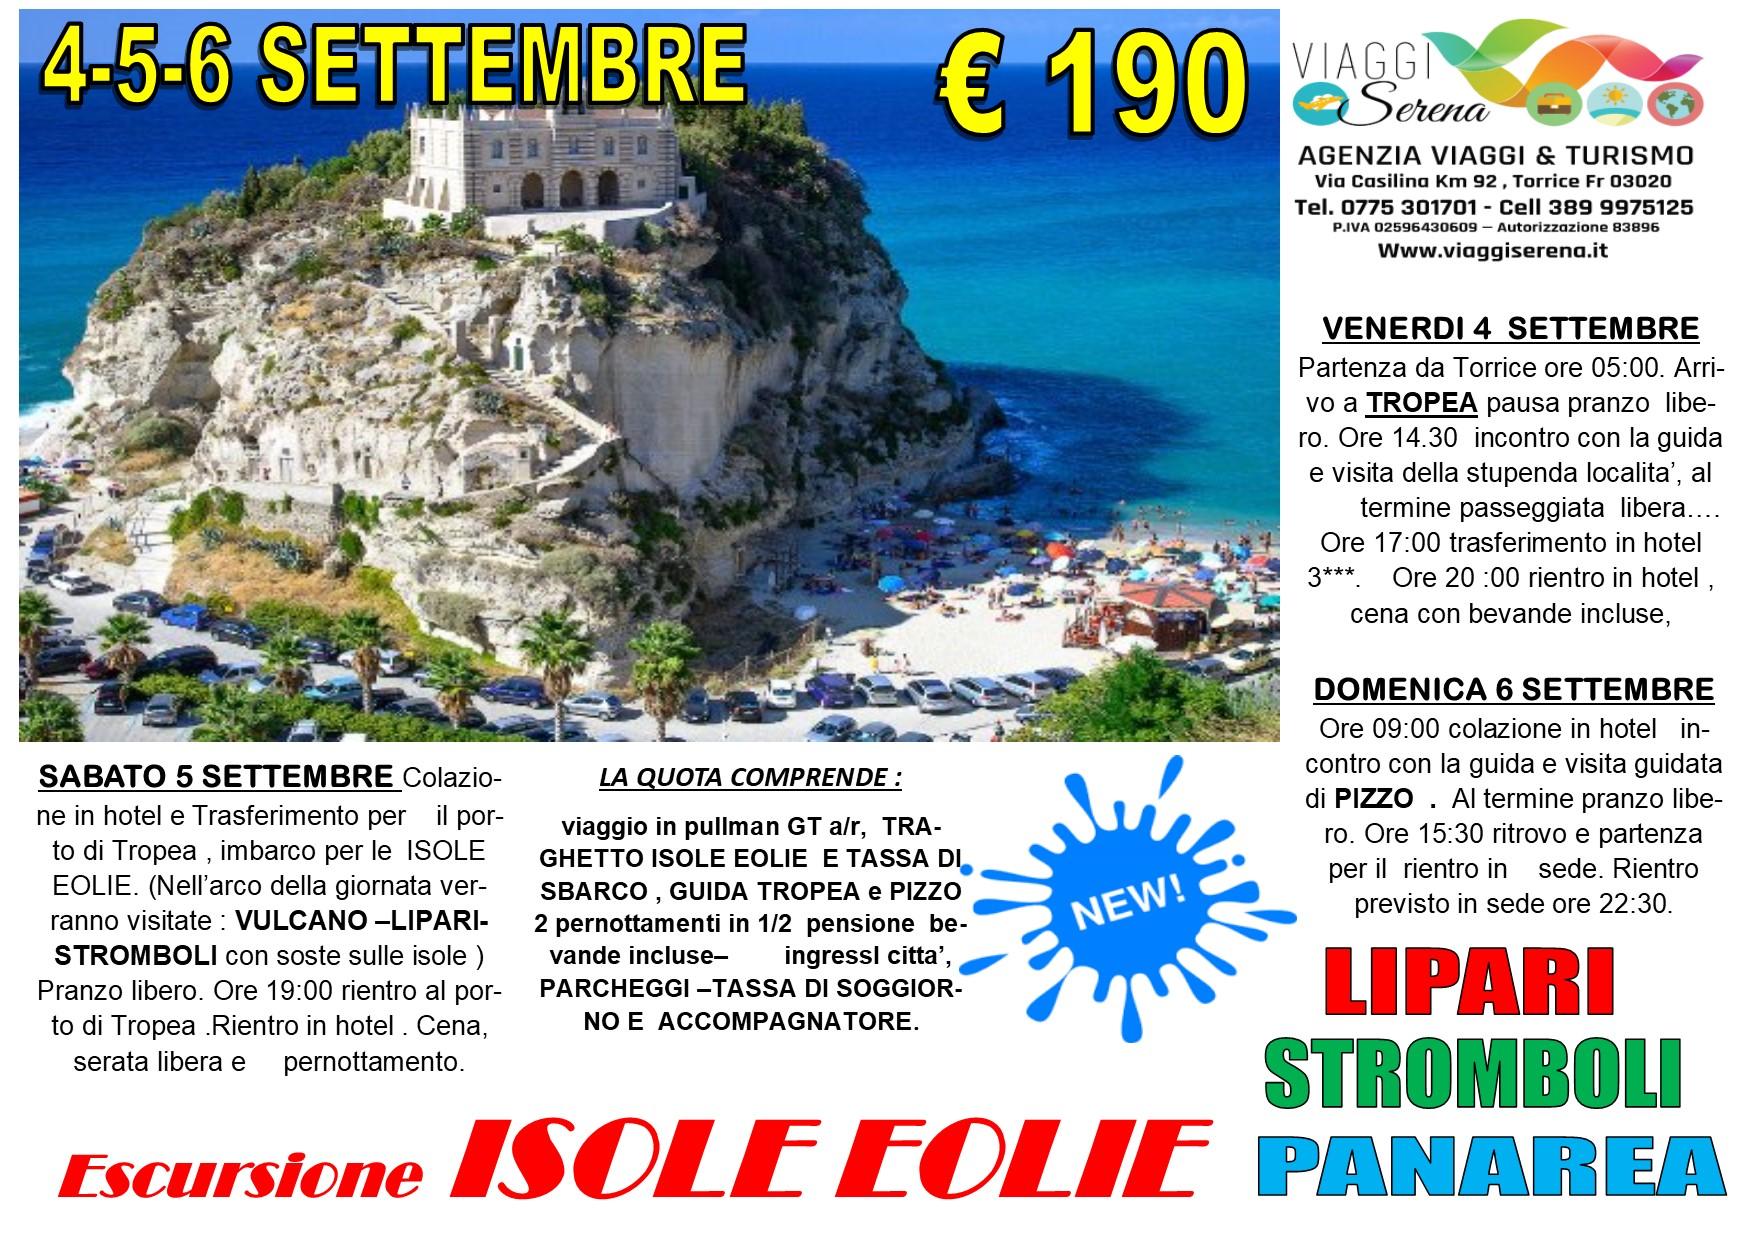 Viaggi di Gruppo: ISOLE EOLIE & Tropea 4-5-6 Settembre € 190,00